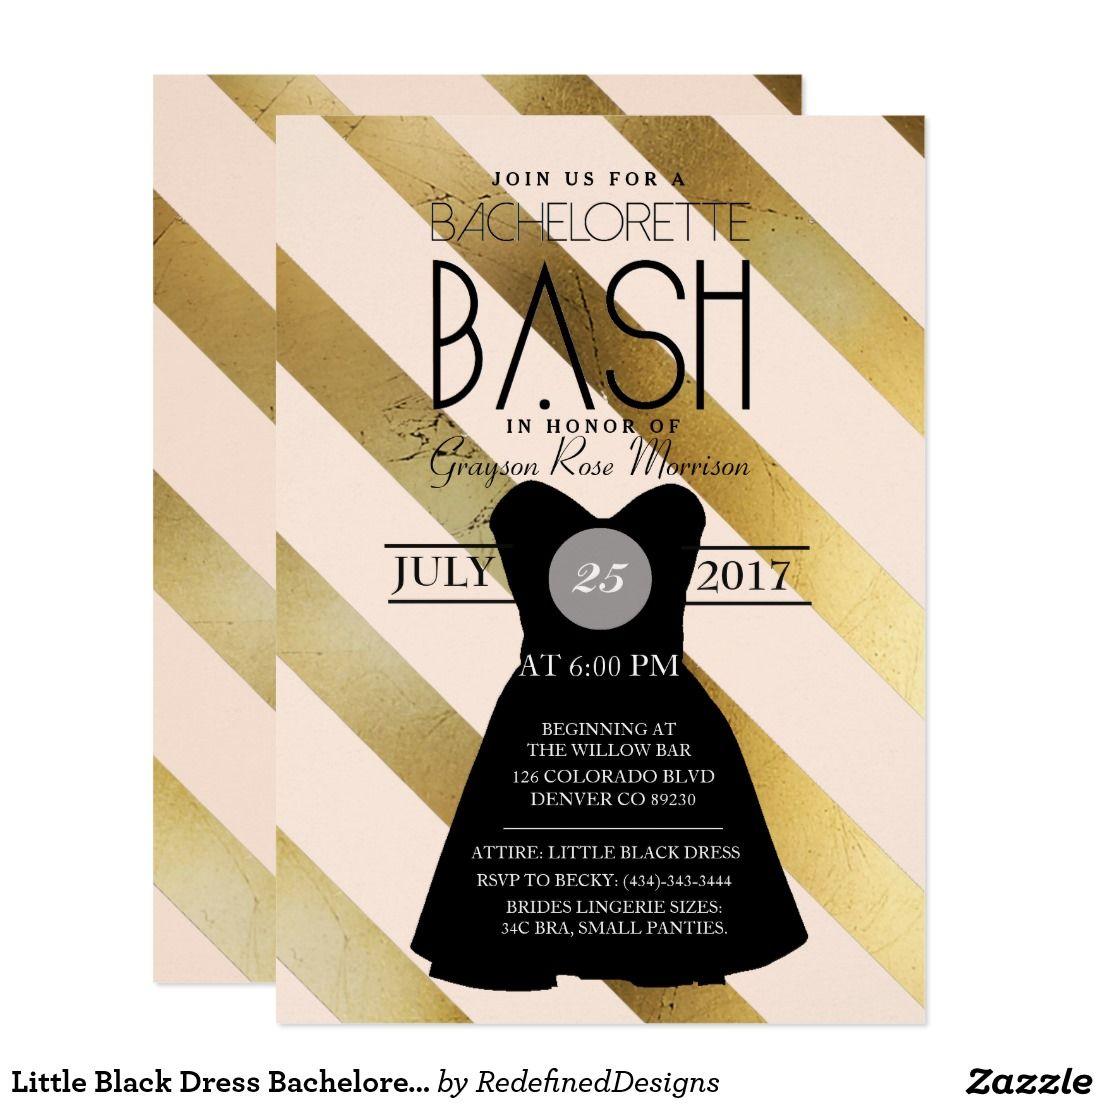 Little Black Dress Bachelorette Bash | Party Card | Bachelorette parties